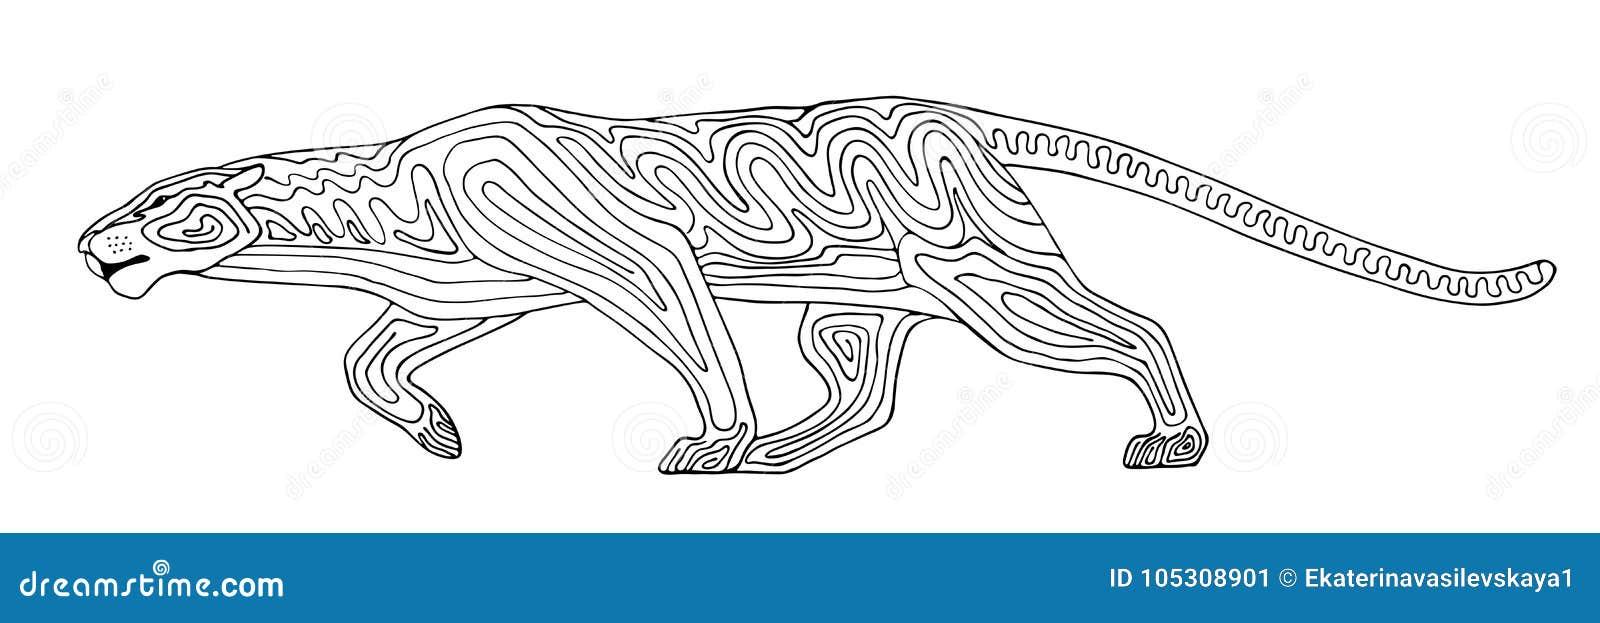 Gato Montés Estilizado Decorativo De La Pantera Animal Salvaje Del ...